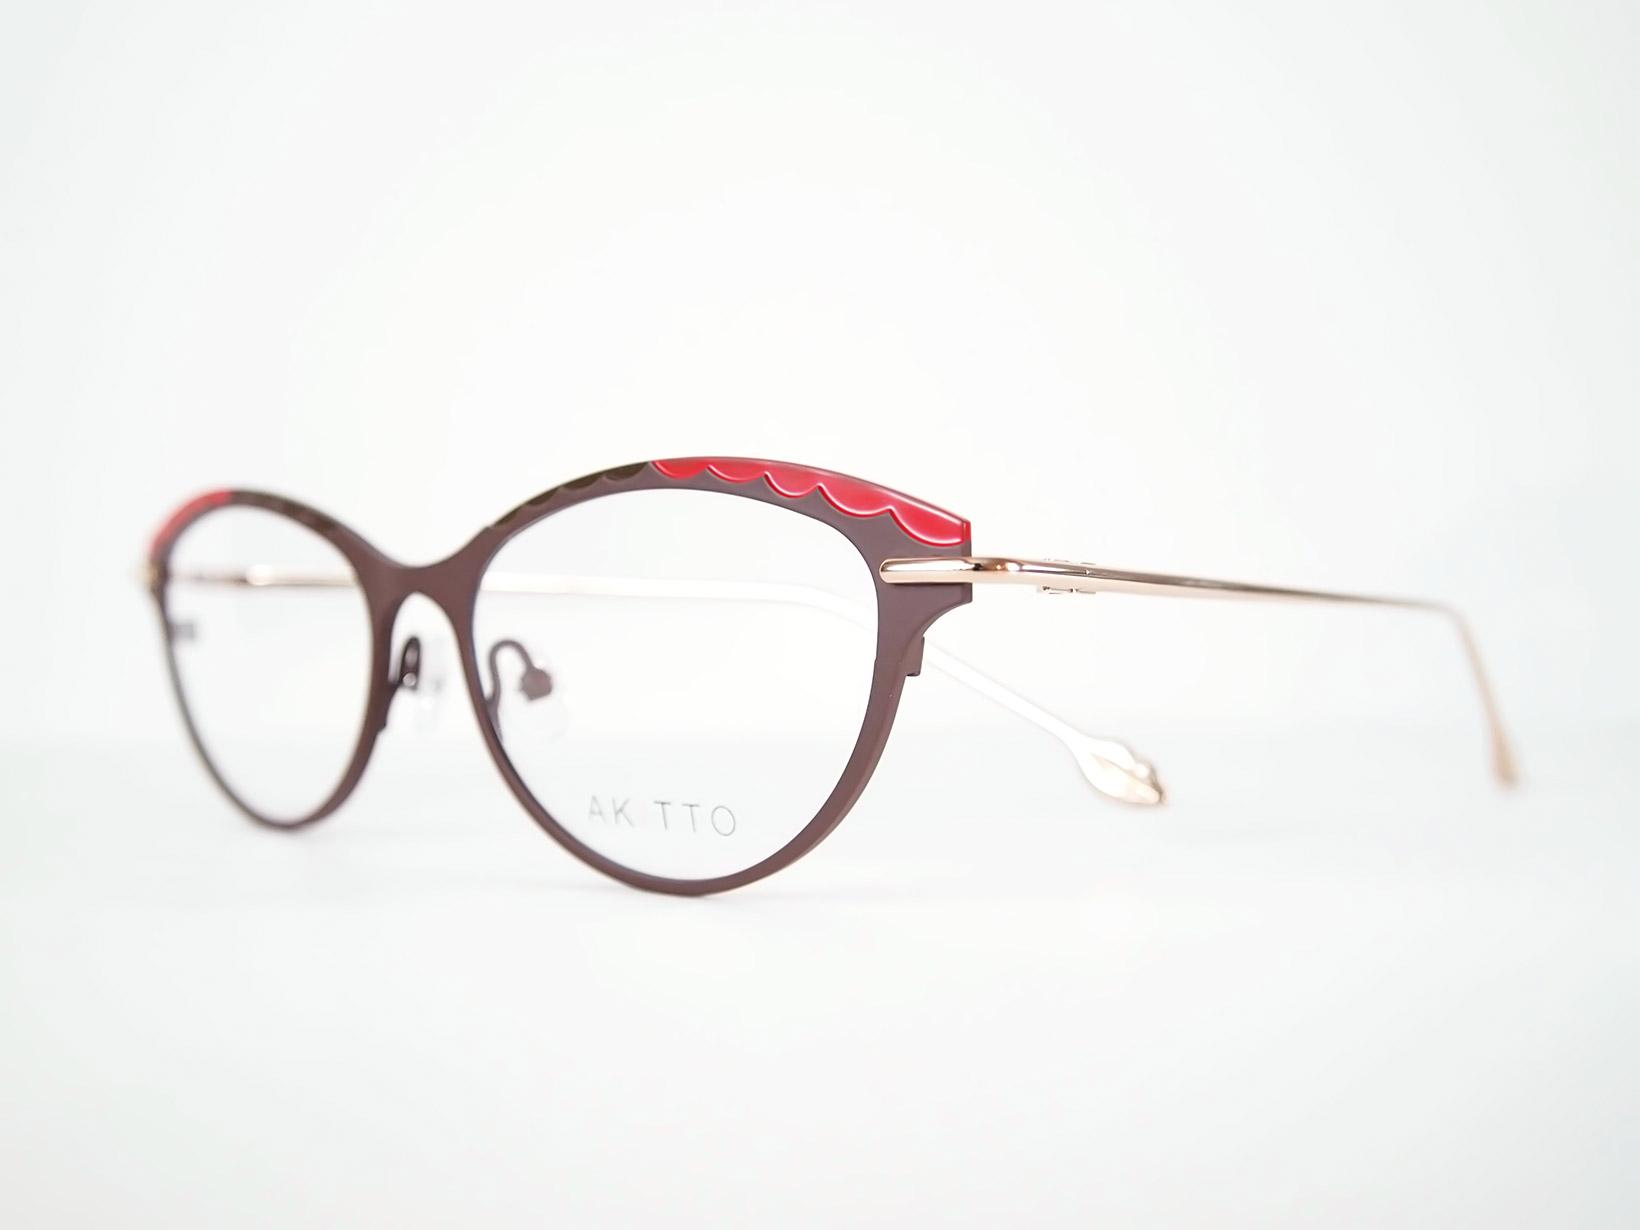 AKITTO 2017-4th cut color BR size:50□16 material:titanium price:¥44,500-(+tax)